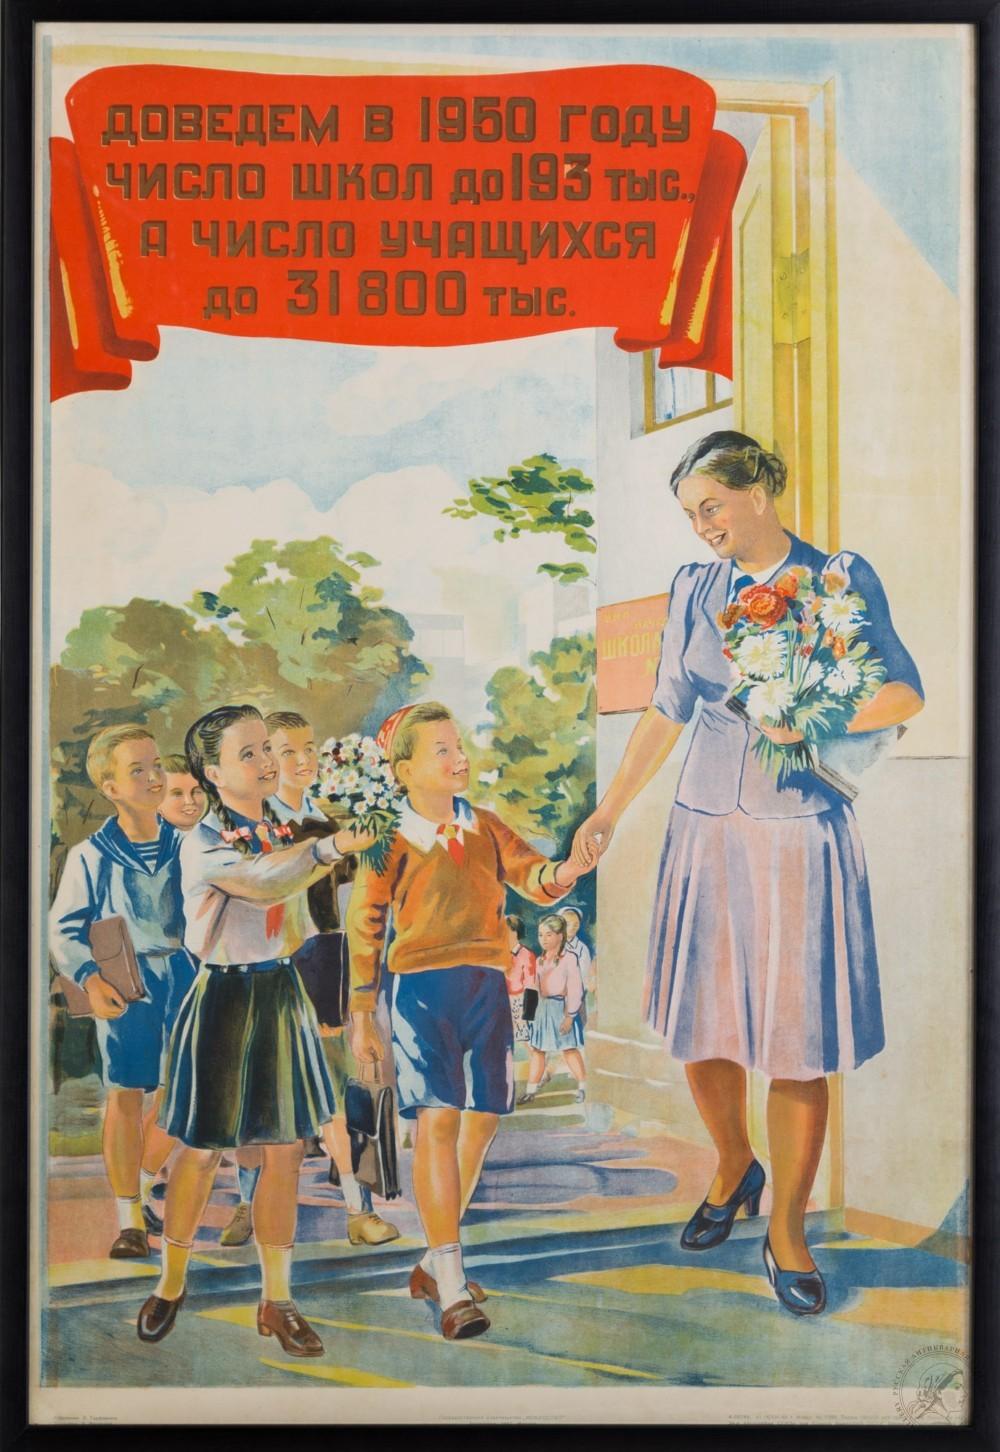 Плакат «Доведем в 1950 году число школ до 193 тыс., а число учащихся до 31 800 тыс.»